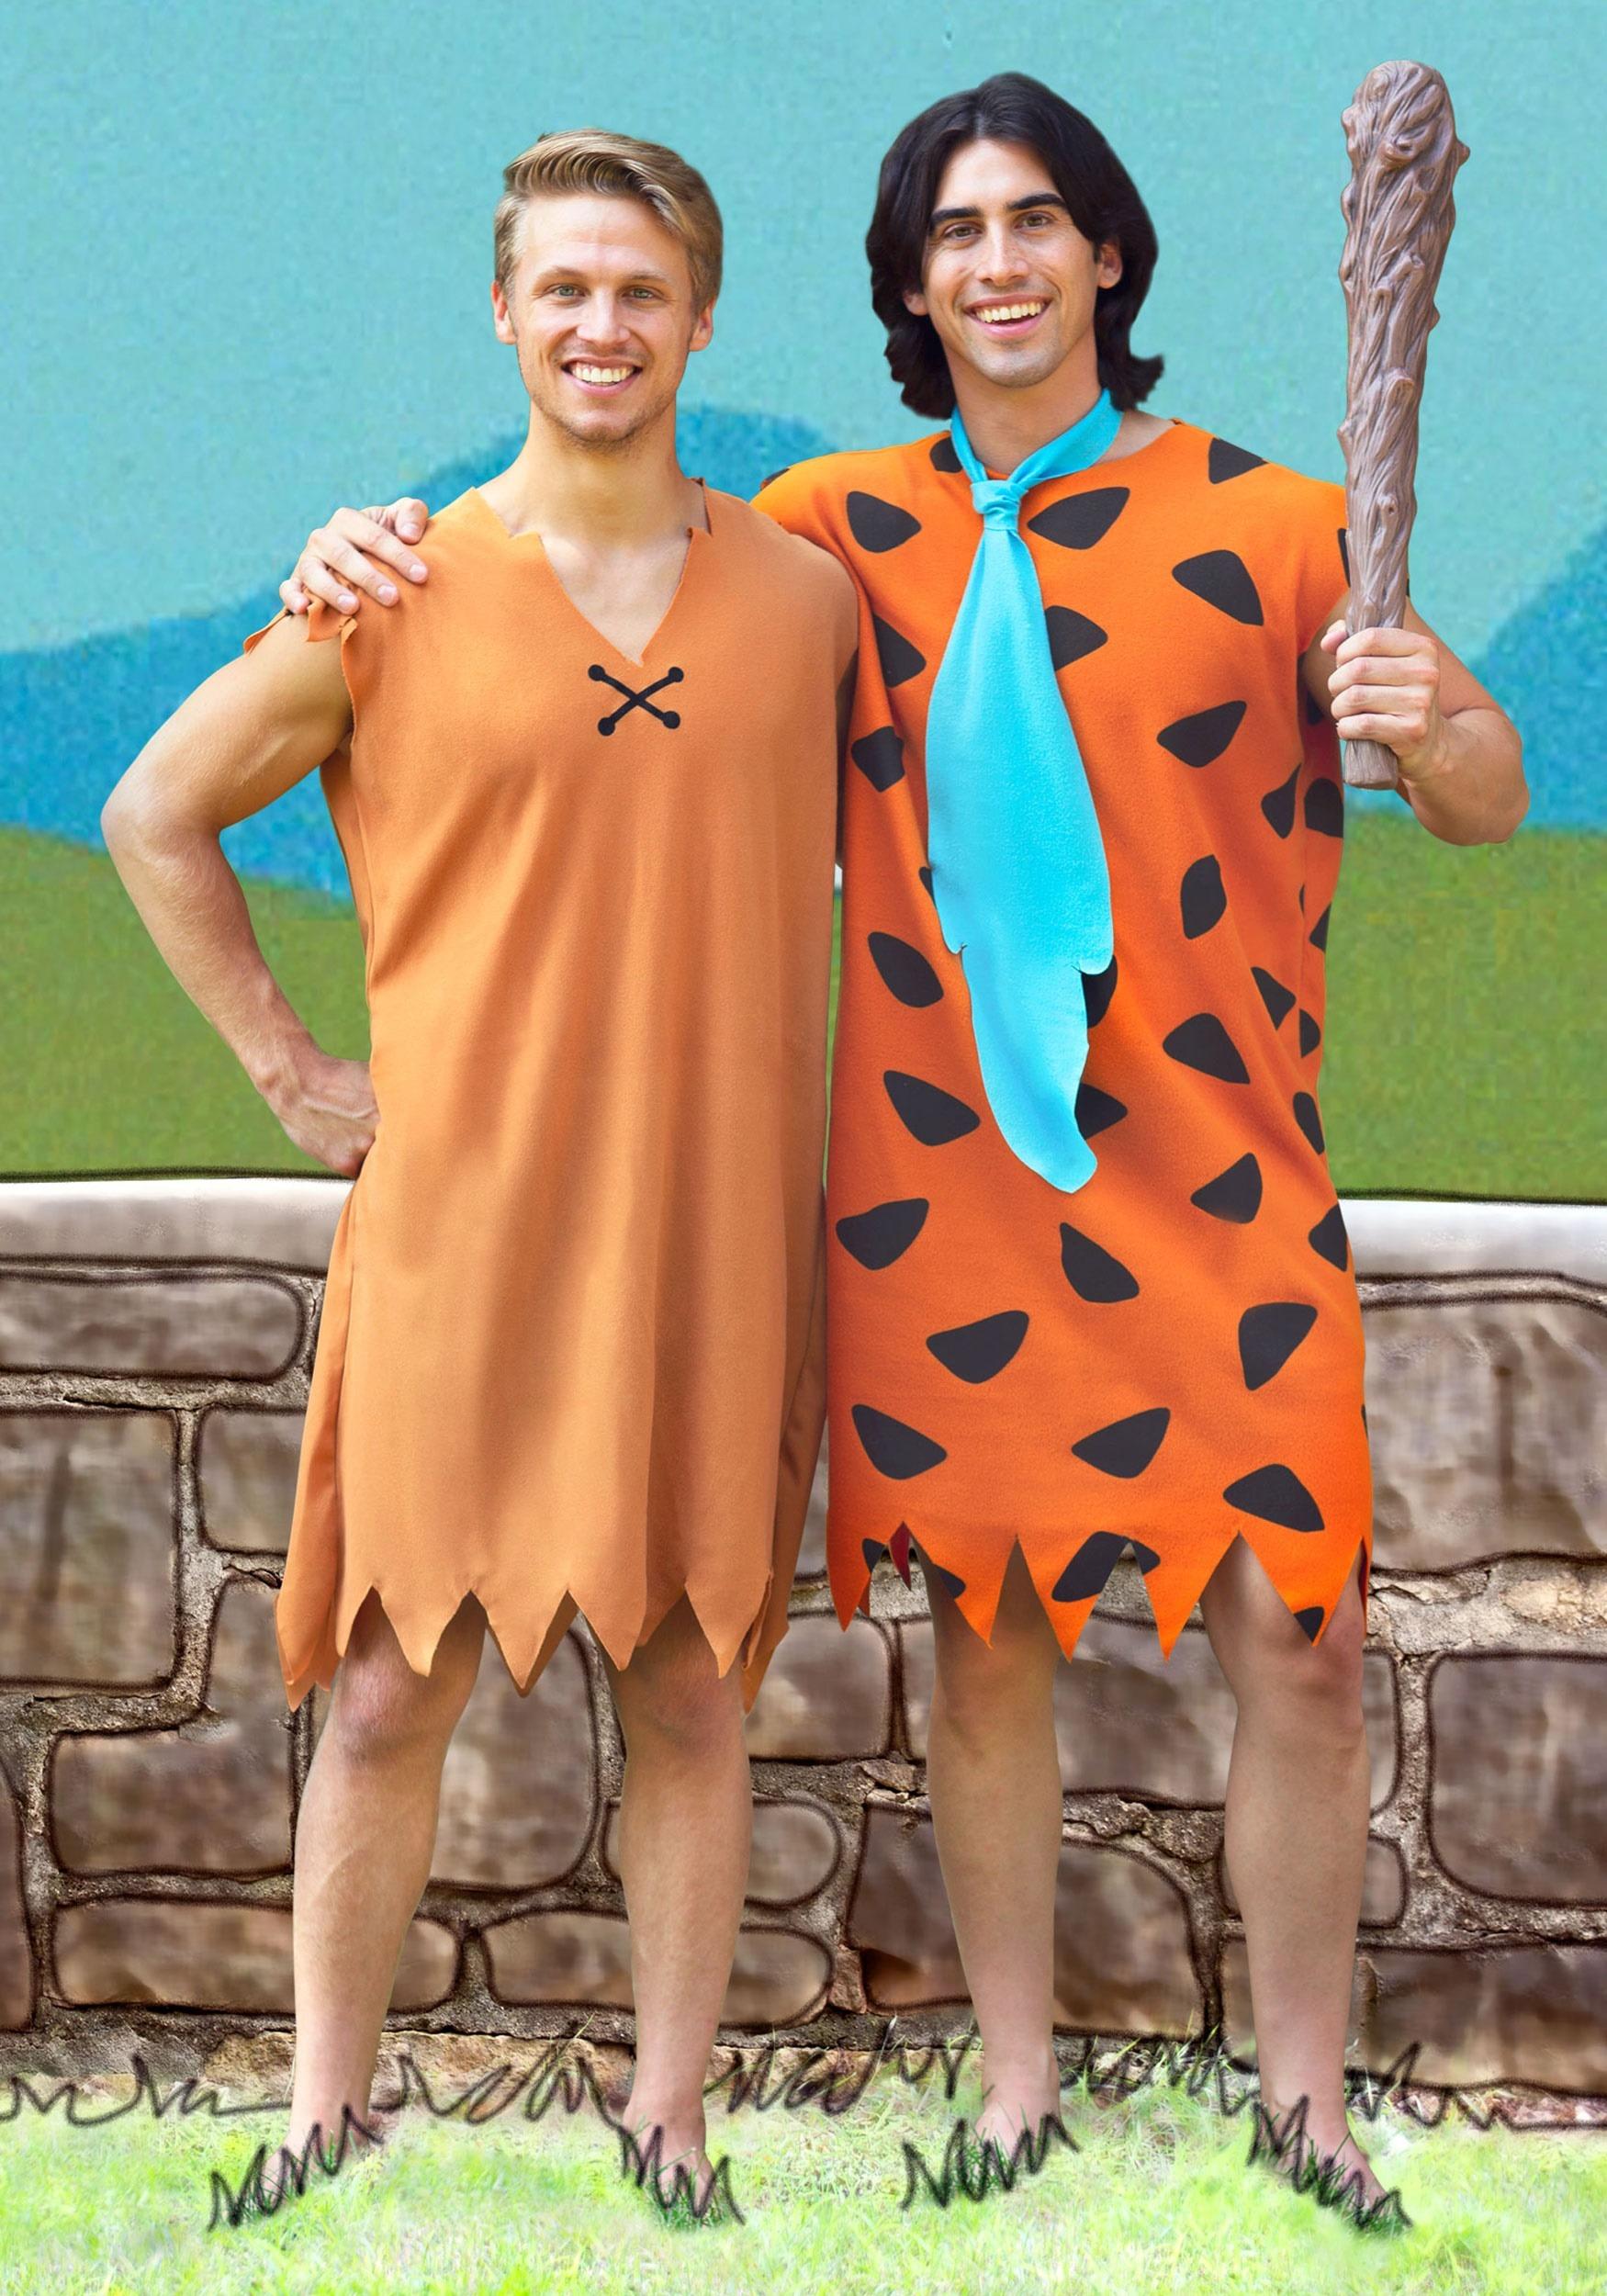 Mens Fred Flintstone The Flintstones TV Cartoon Fancy Dress Costume Outfit